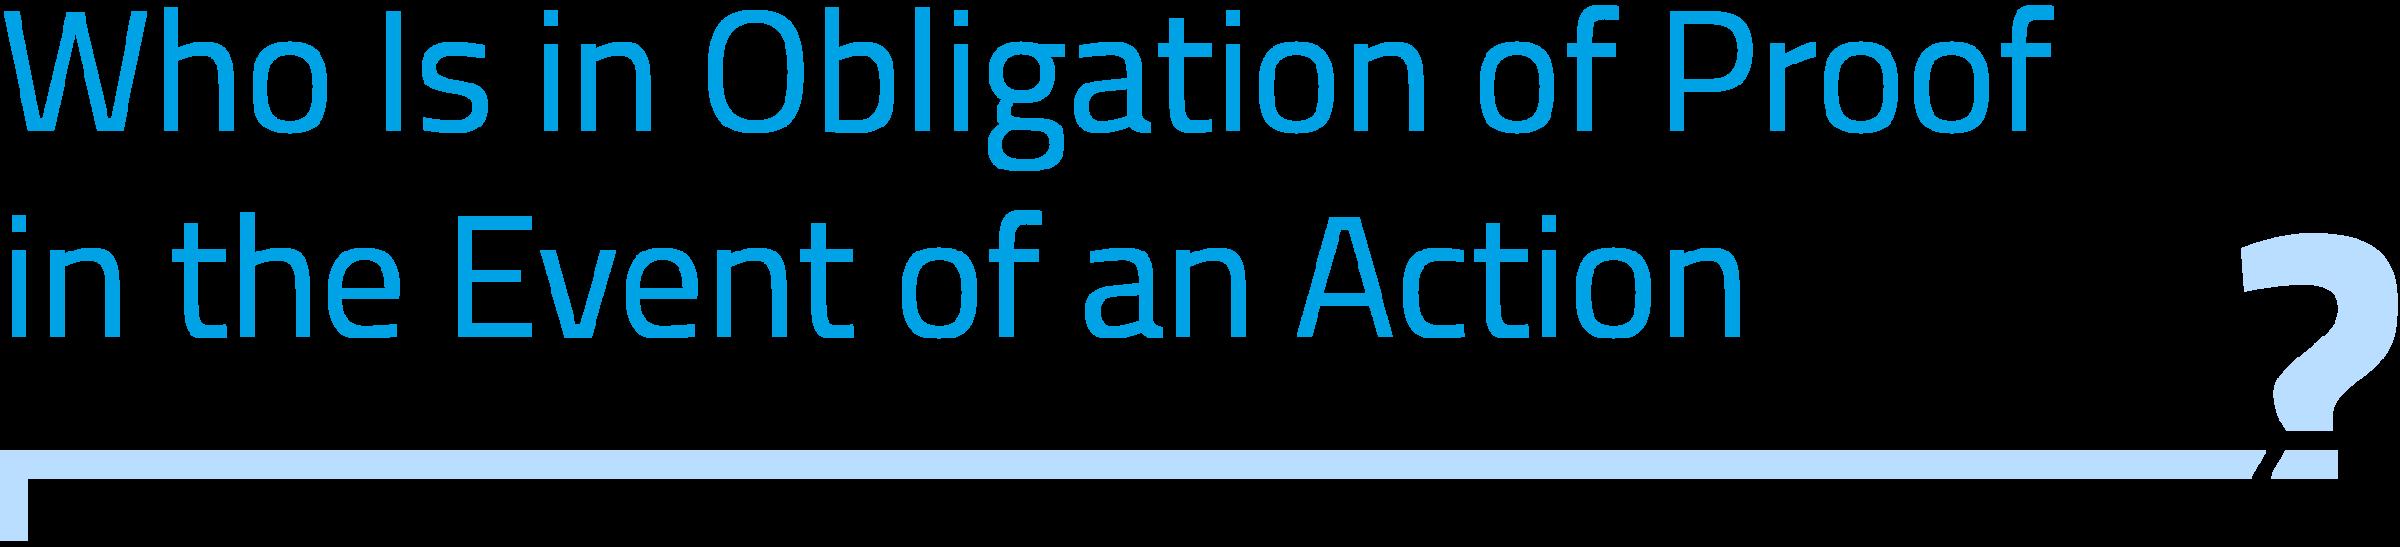 200730 Blog Impact Series Legal Hightlight 04 EN